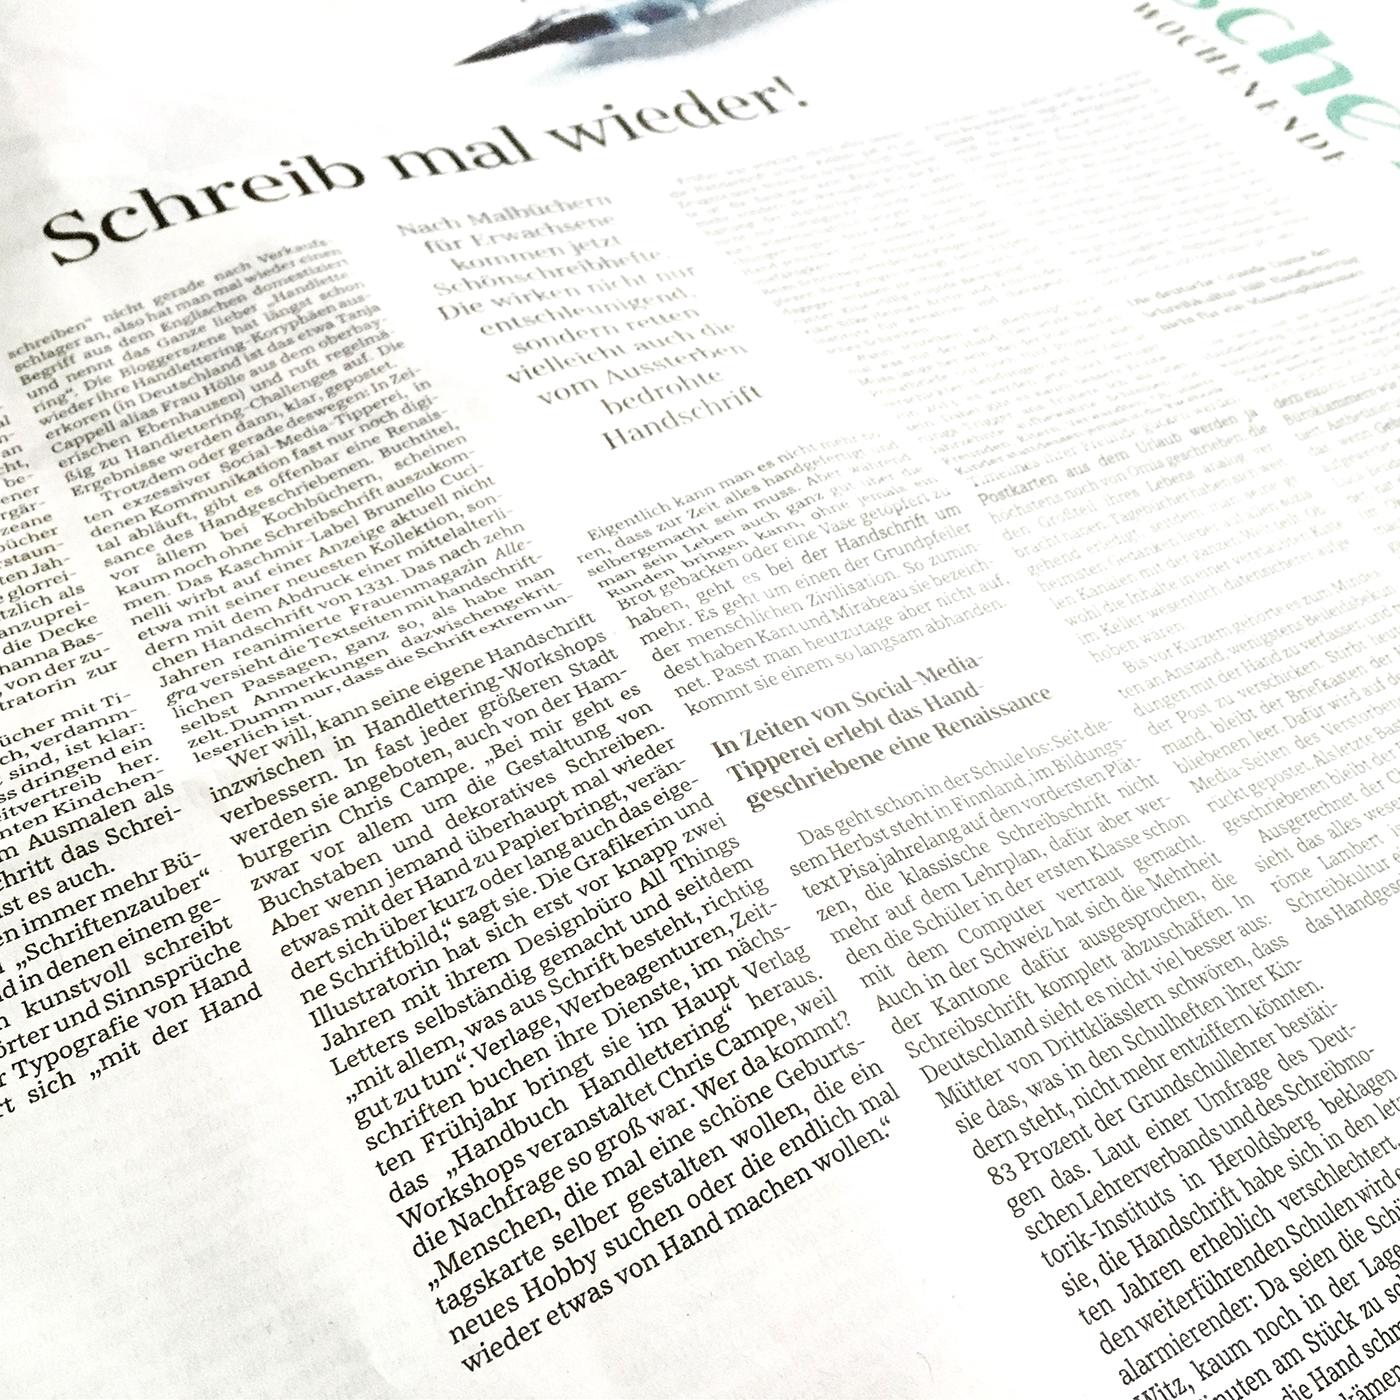 All Things Letters in der Süddeutschen Zeitung